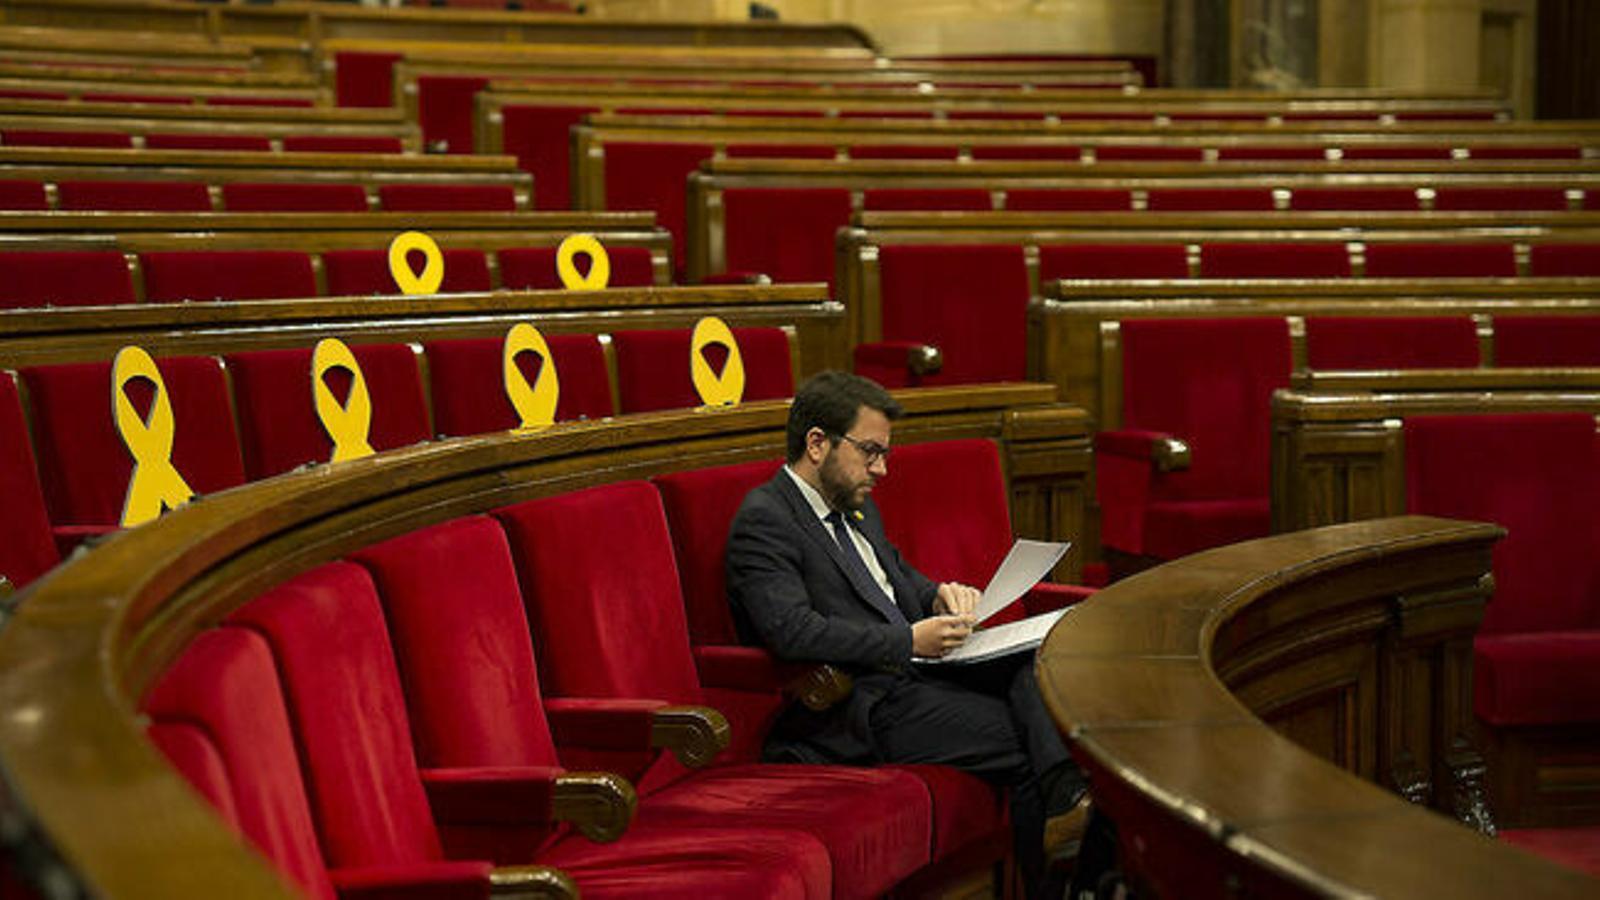 El Govern preveu incrementar 2.500 milions euros la despesa en l'esborrany de pressupostos pel 2020